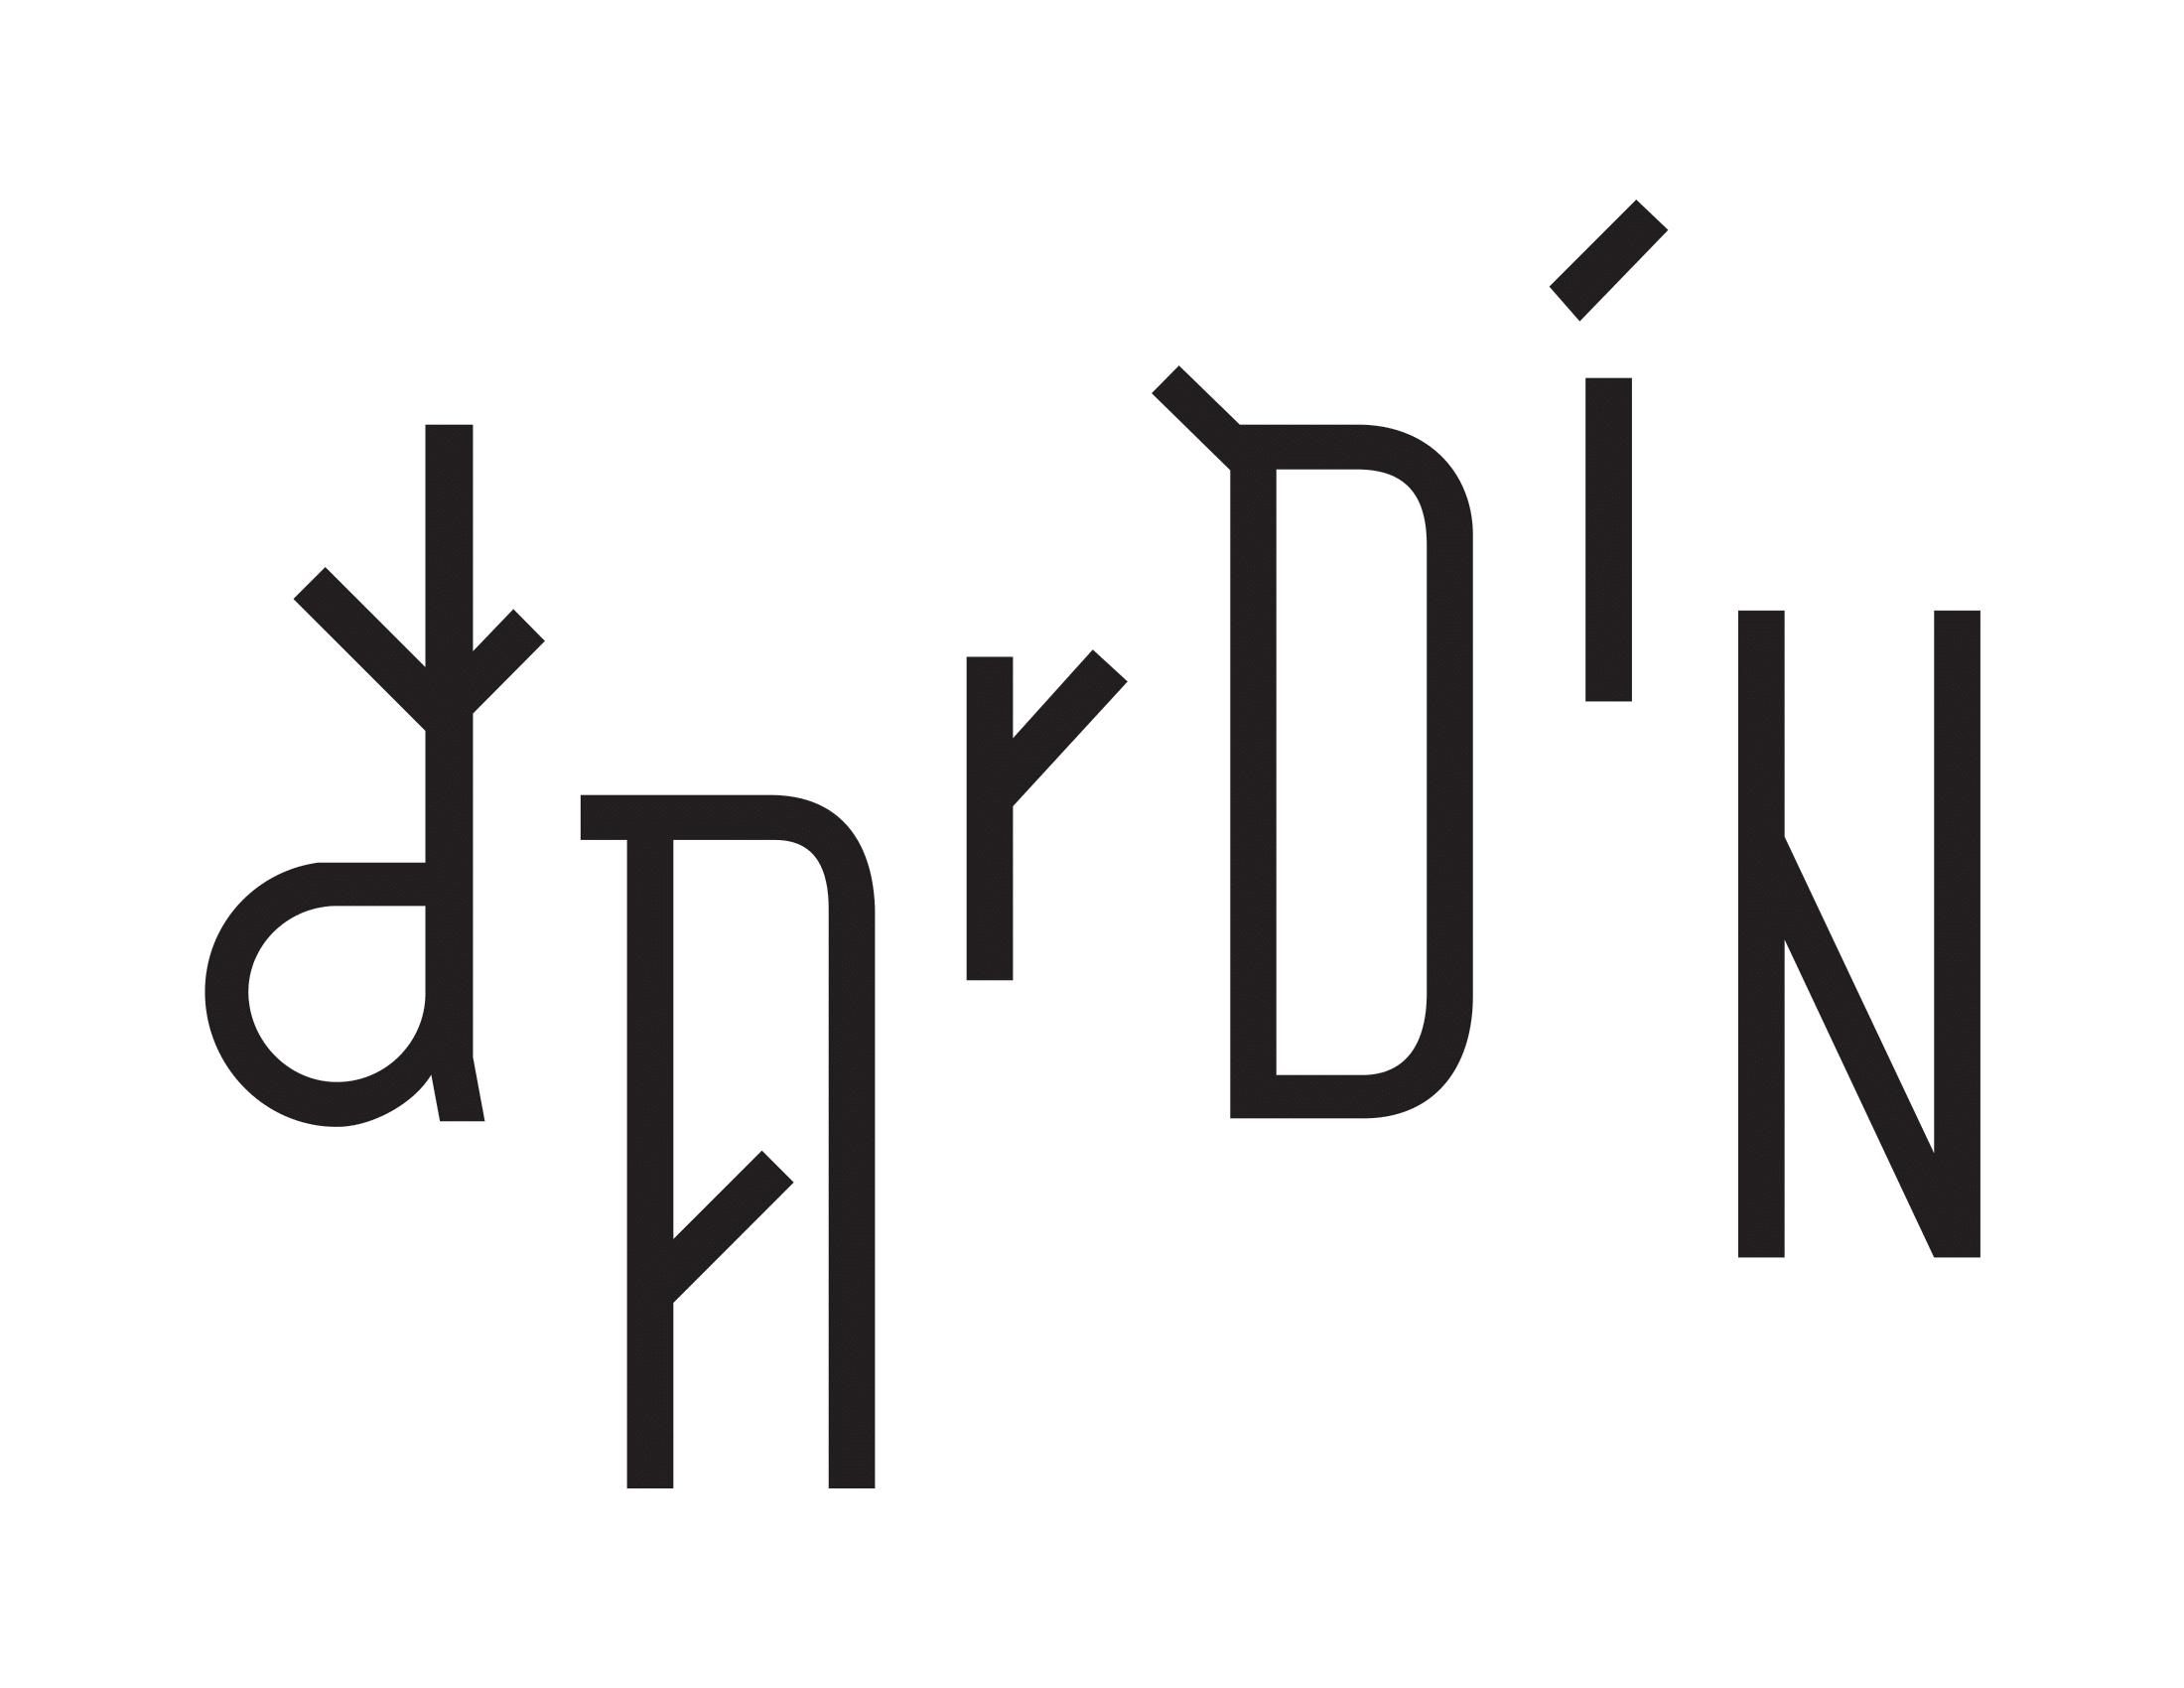 Đardin